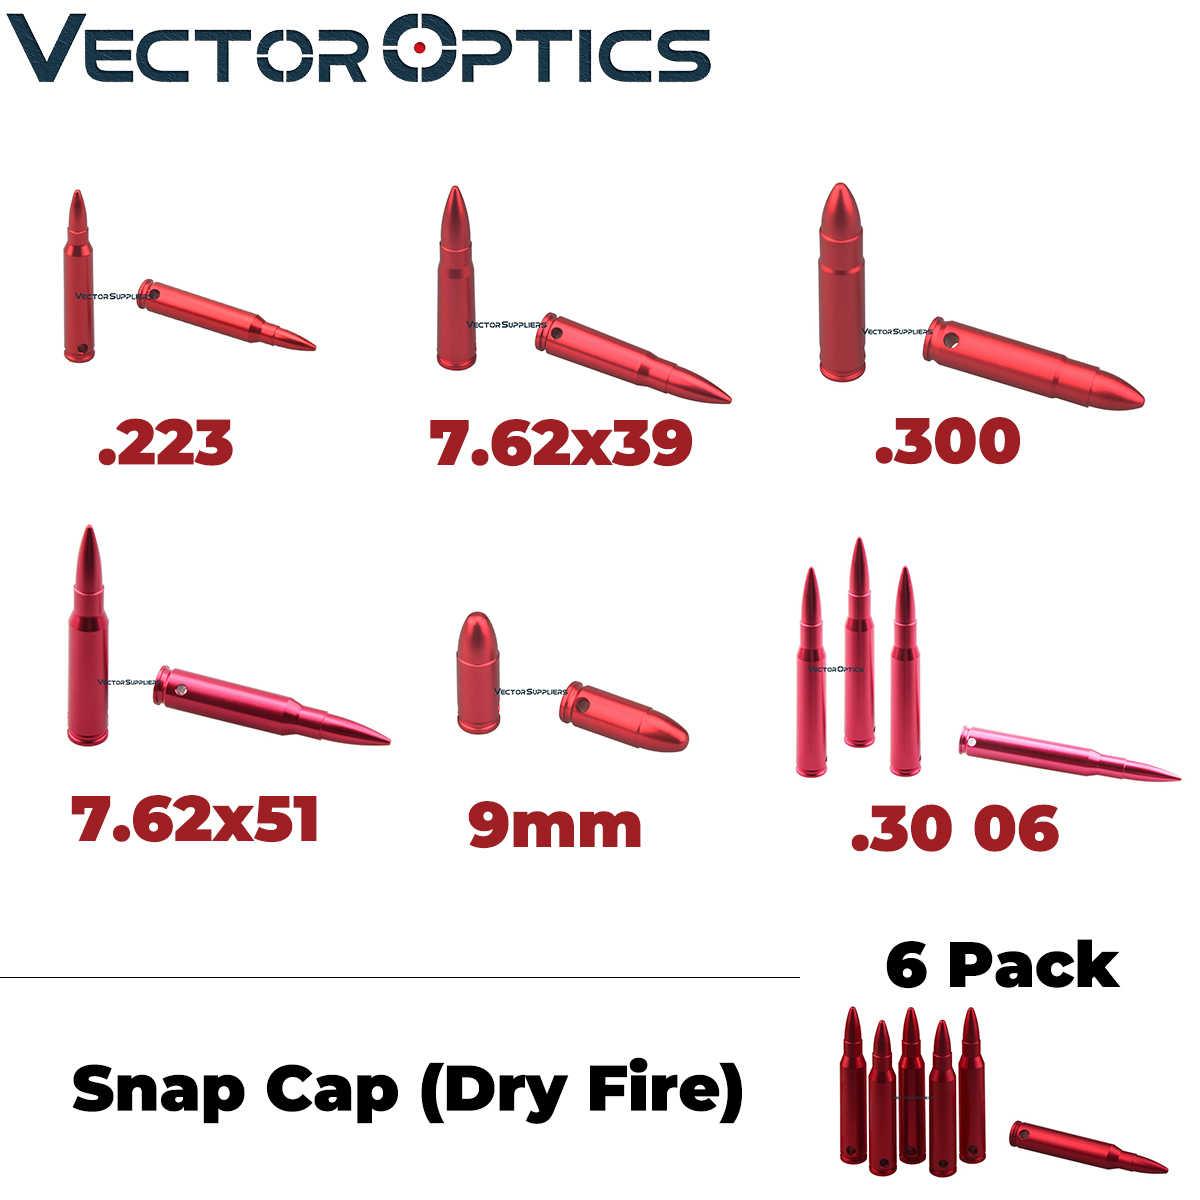 וקטור אופטיקה 6 חבילה הצמד כובעי יבש אש רובה אקדח בקליבר בטיחות בהתעמלות עגול 7.62x39mm. 223 רמינגטון. 300. 30 06. 308 9mm